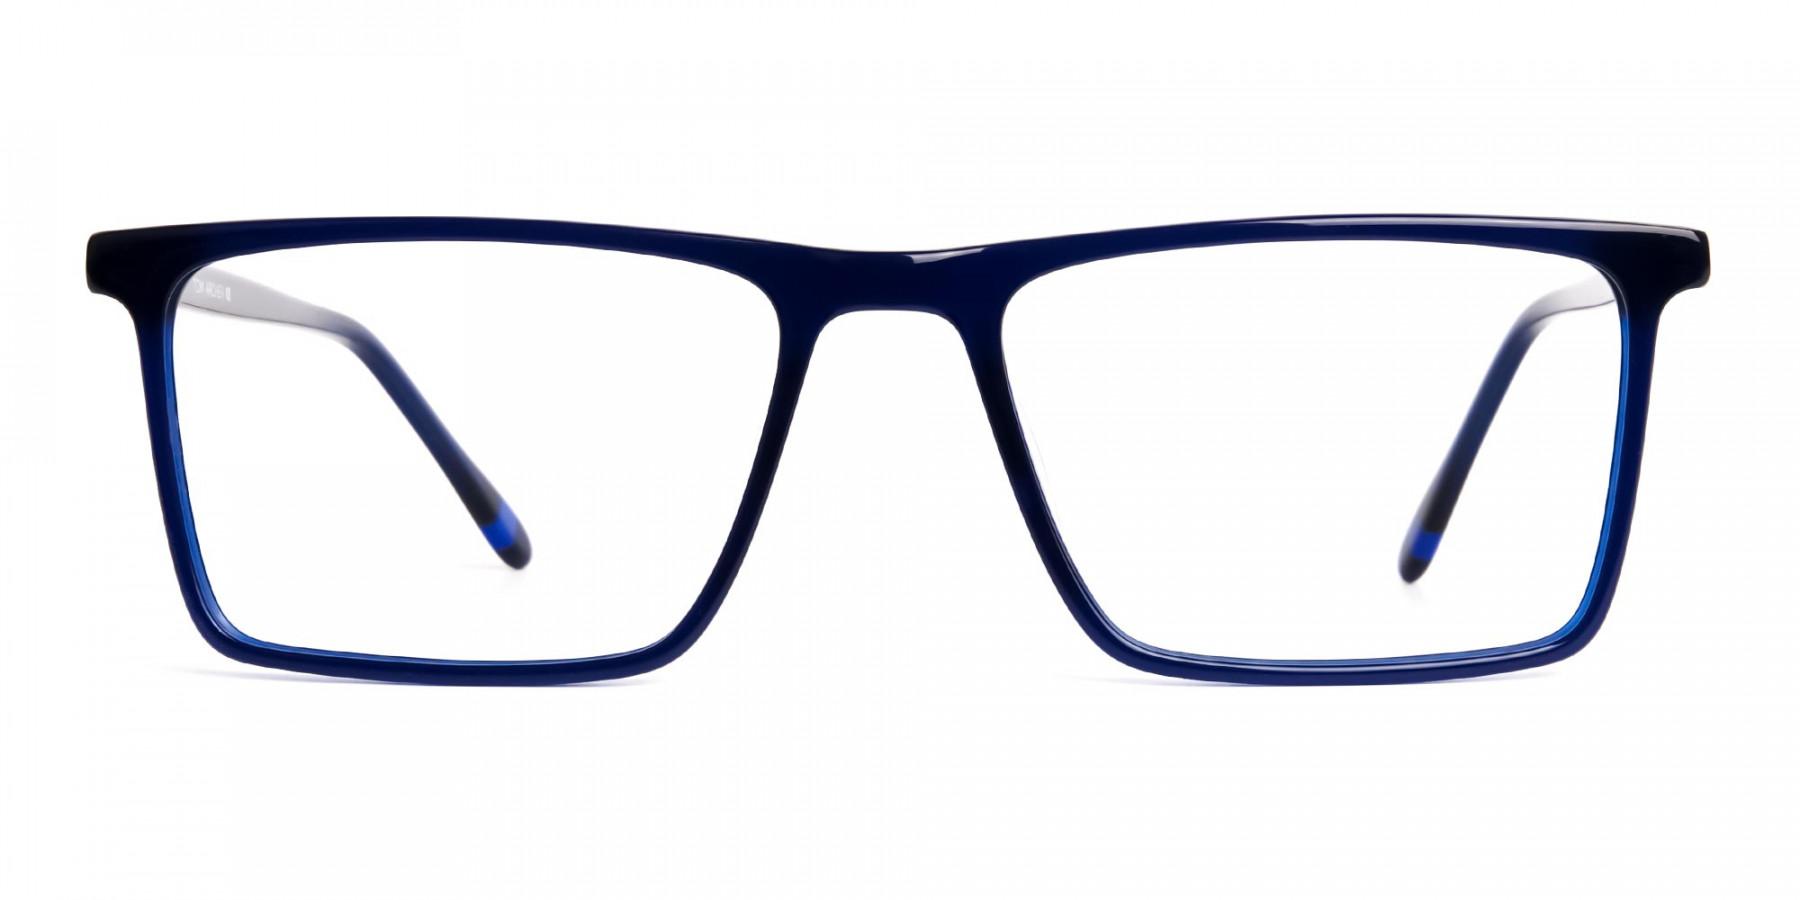 indigo-blue-full-rim-rectangular-glasses-frames-1